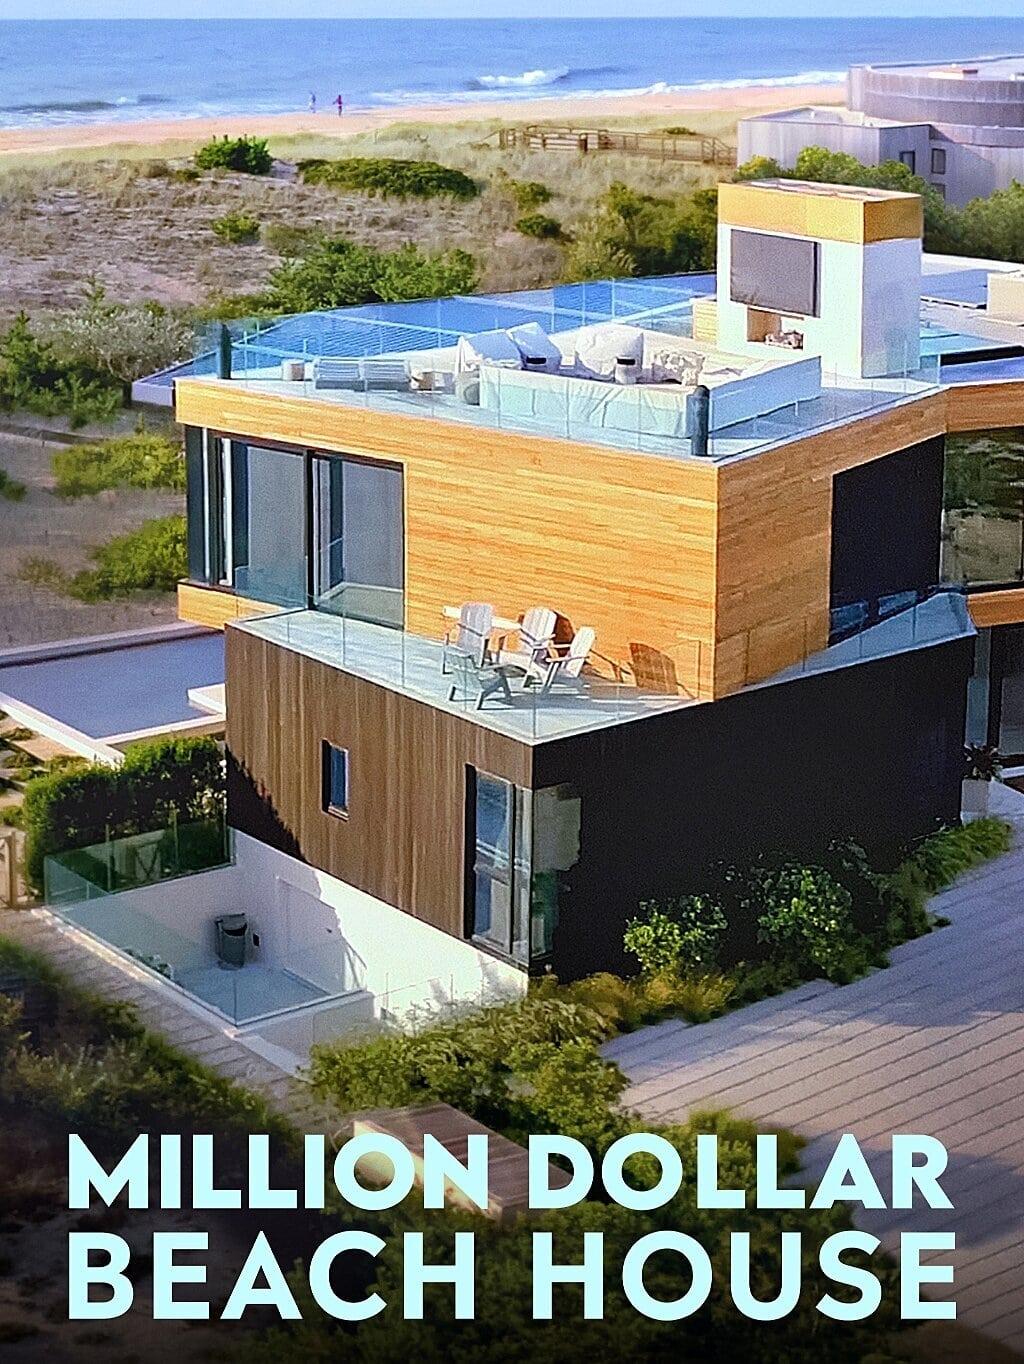 Casas de verano del millón de dólares